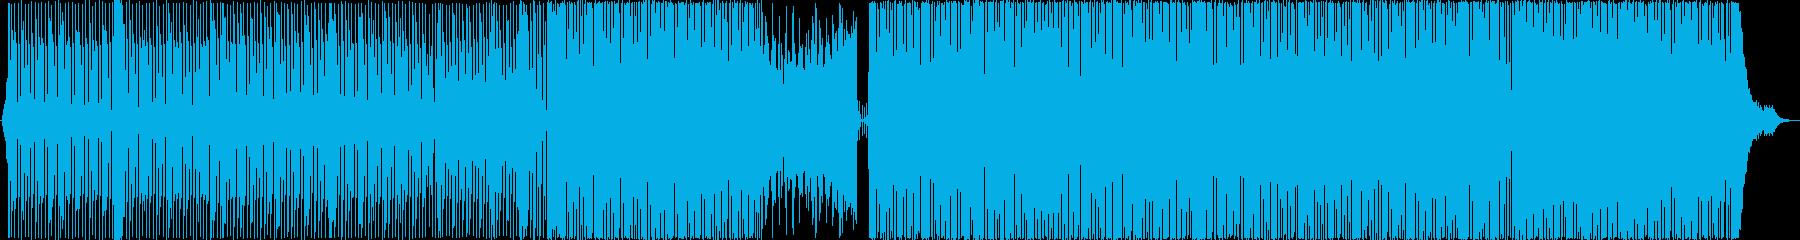 シンプルな4つ打ちミニマルテクノの再生済みの波形